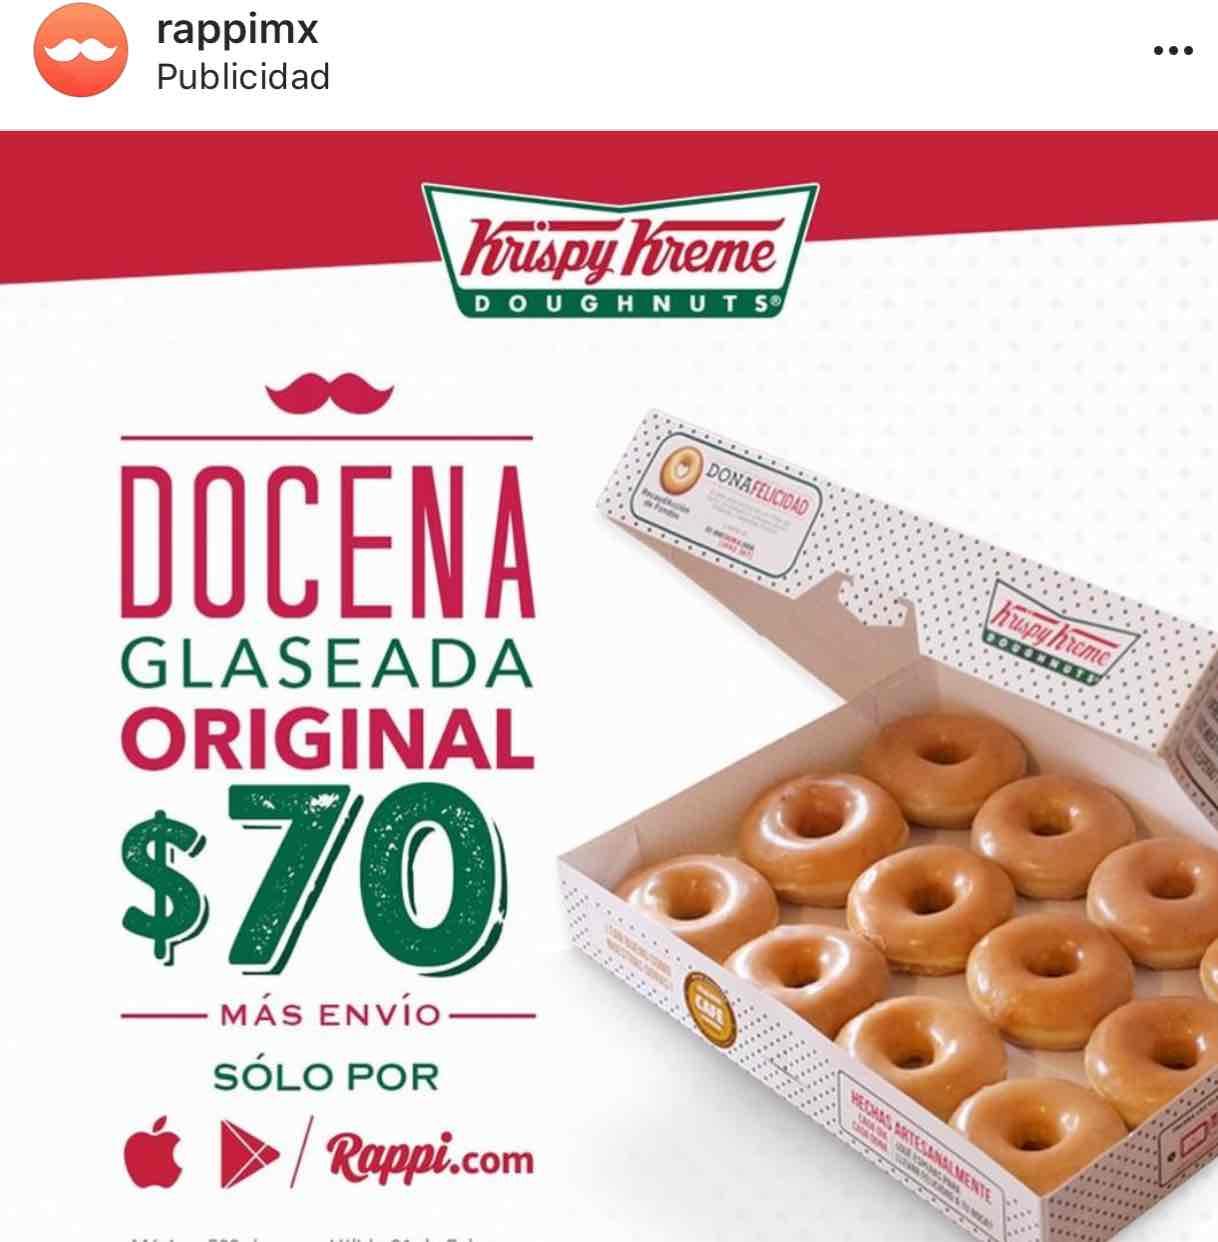 Rappi Docena de donas  Krispy Kreme por $70 más envió